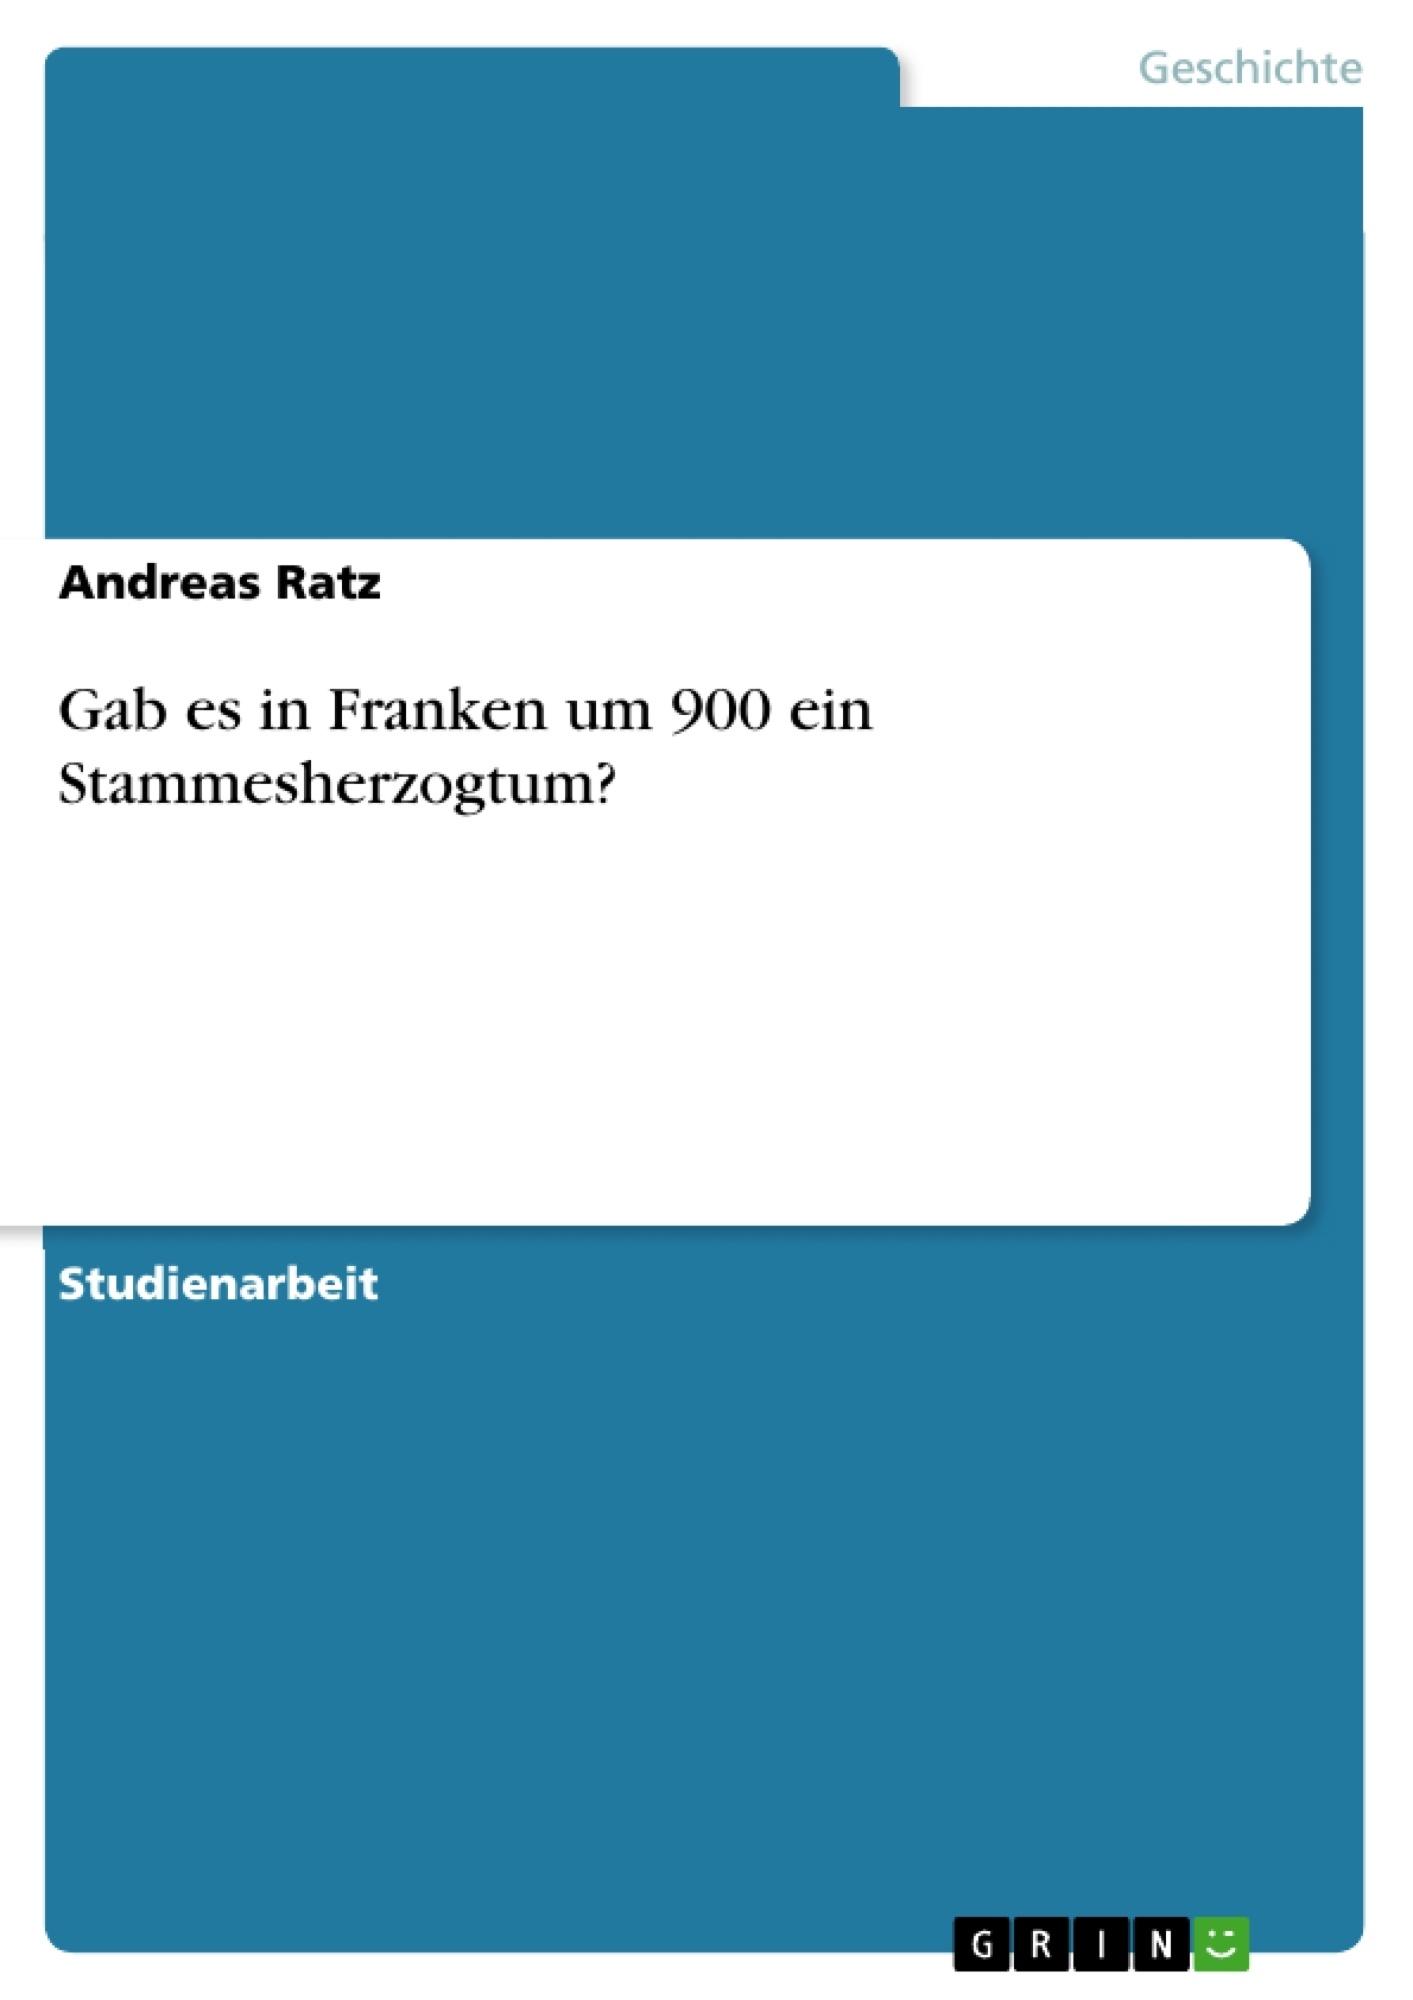 Titel: Gab es in Franken um 900 ein Stammesherzogtum?